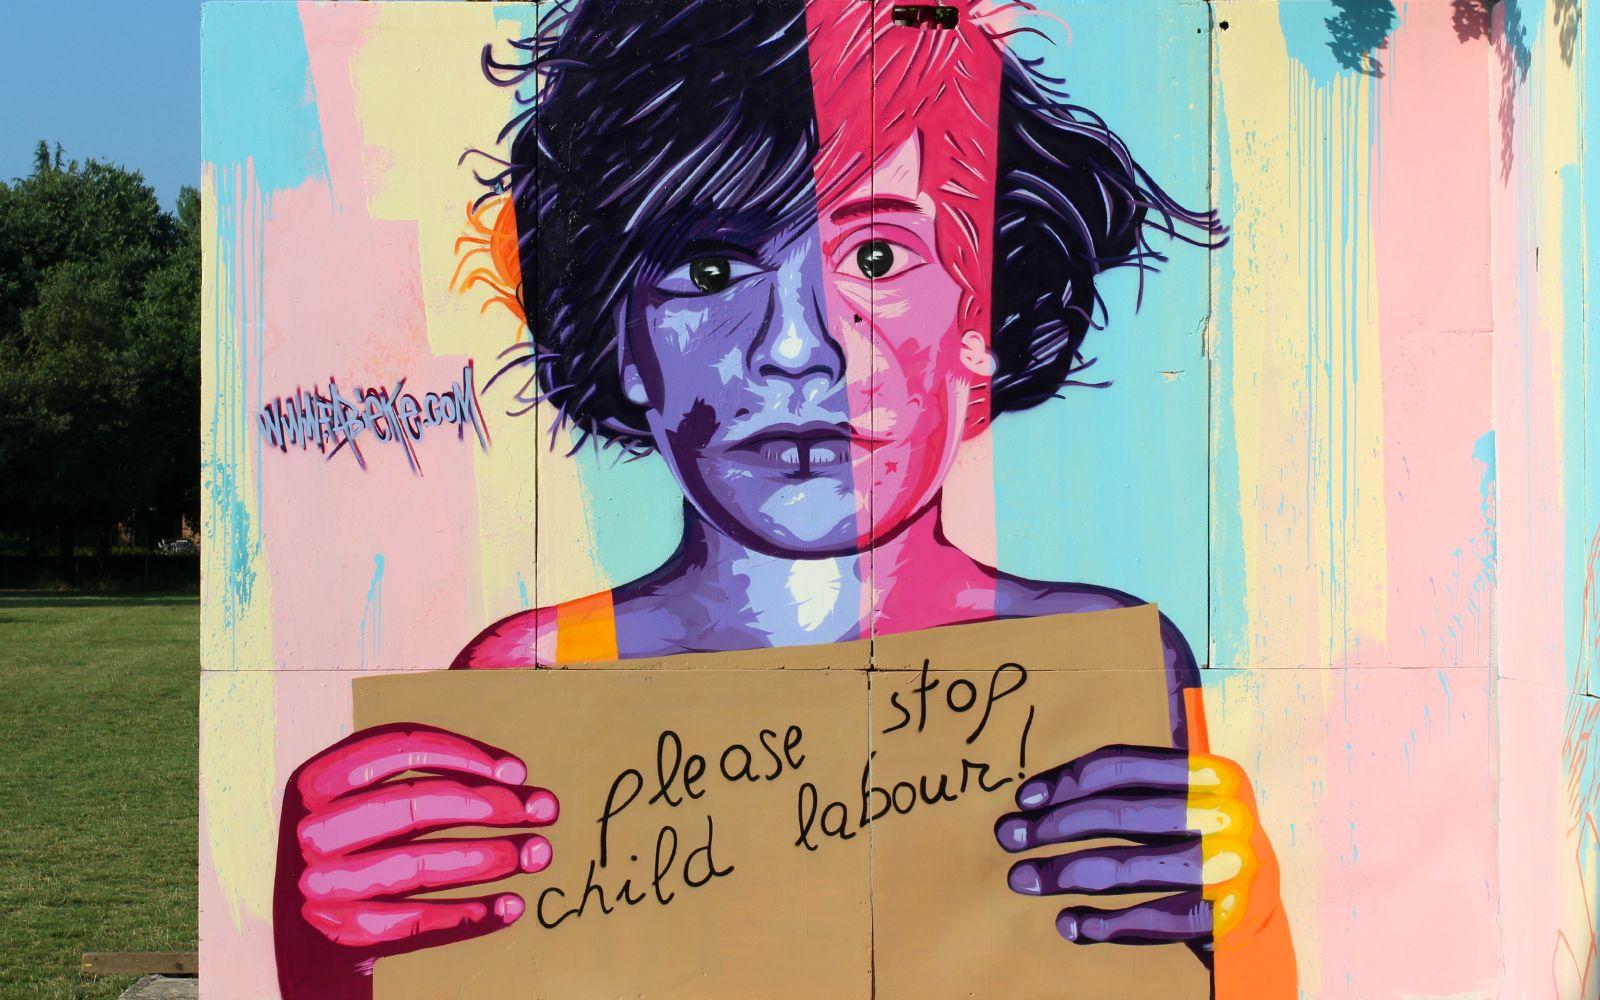 Please, stop child labour!